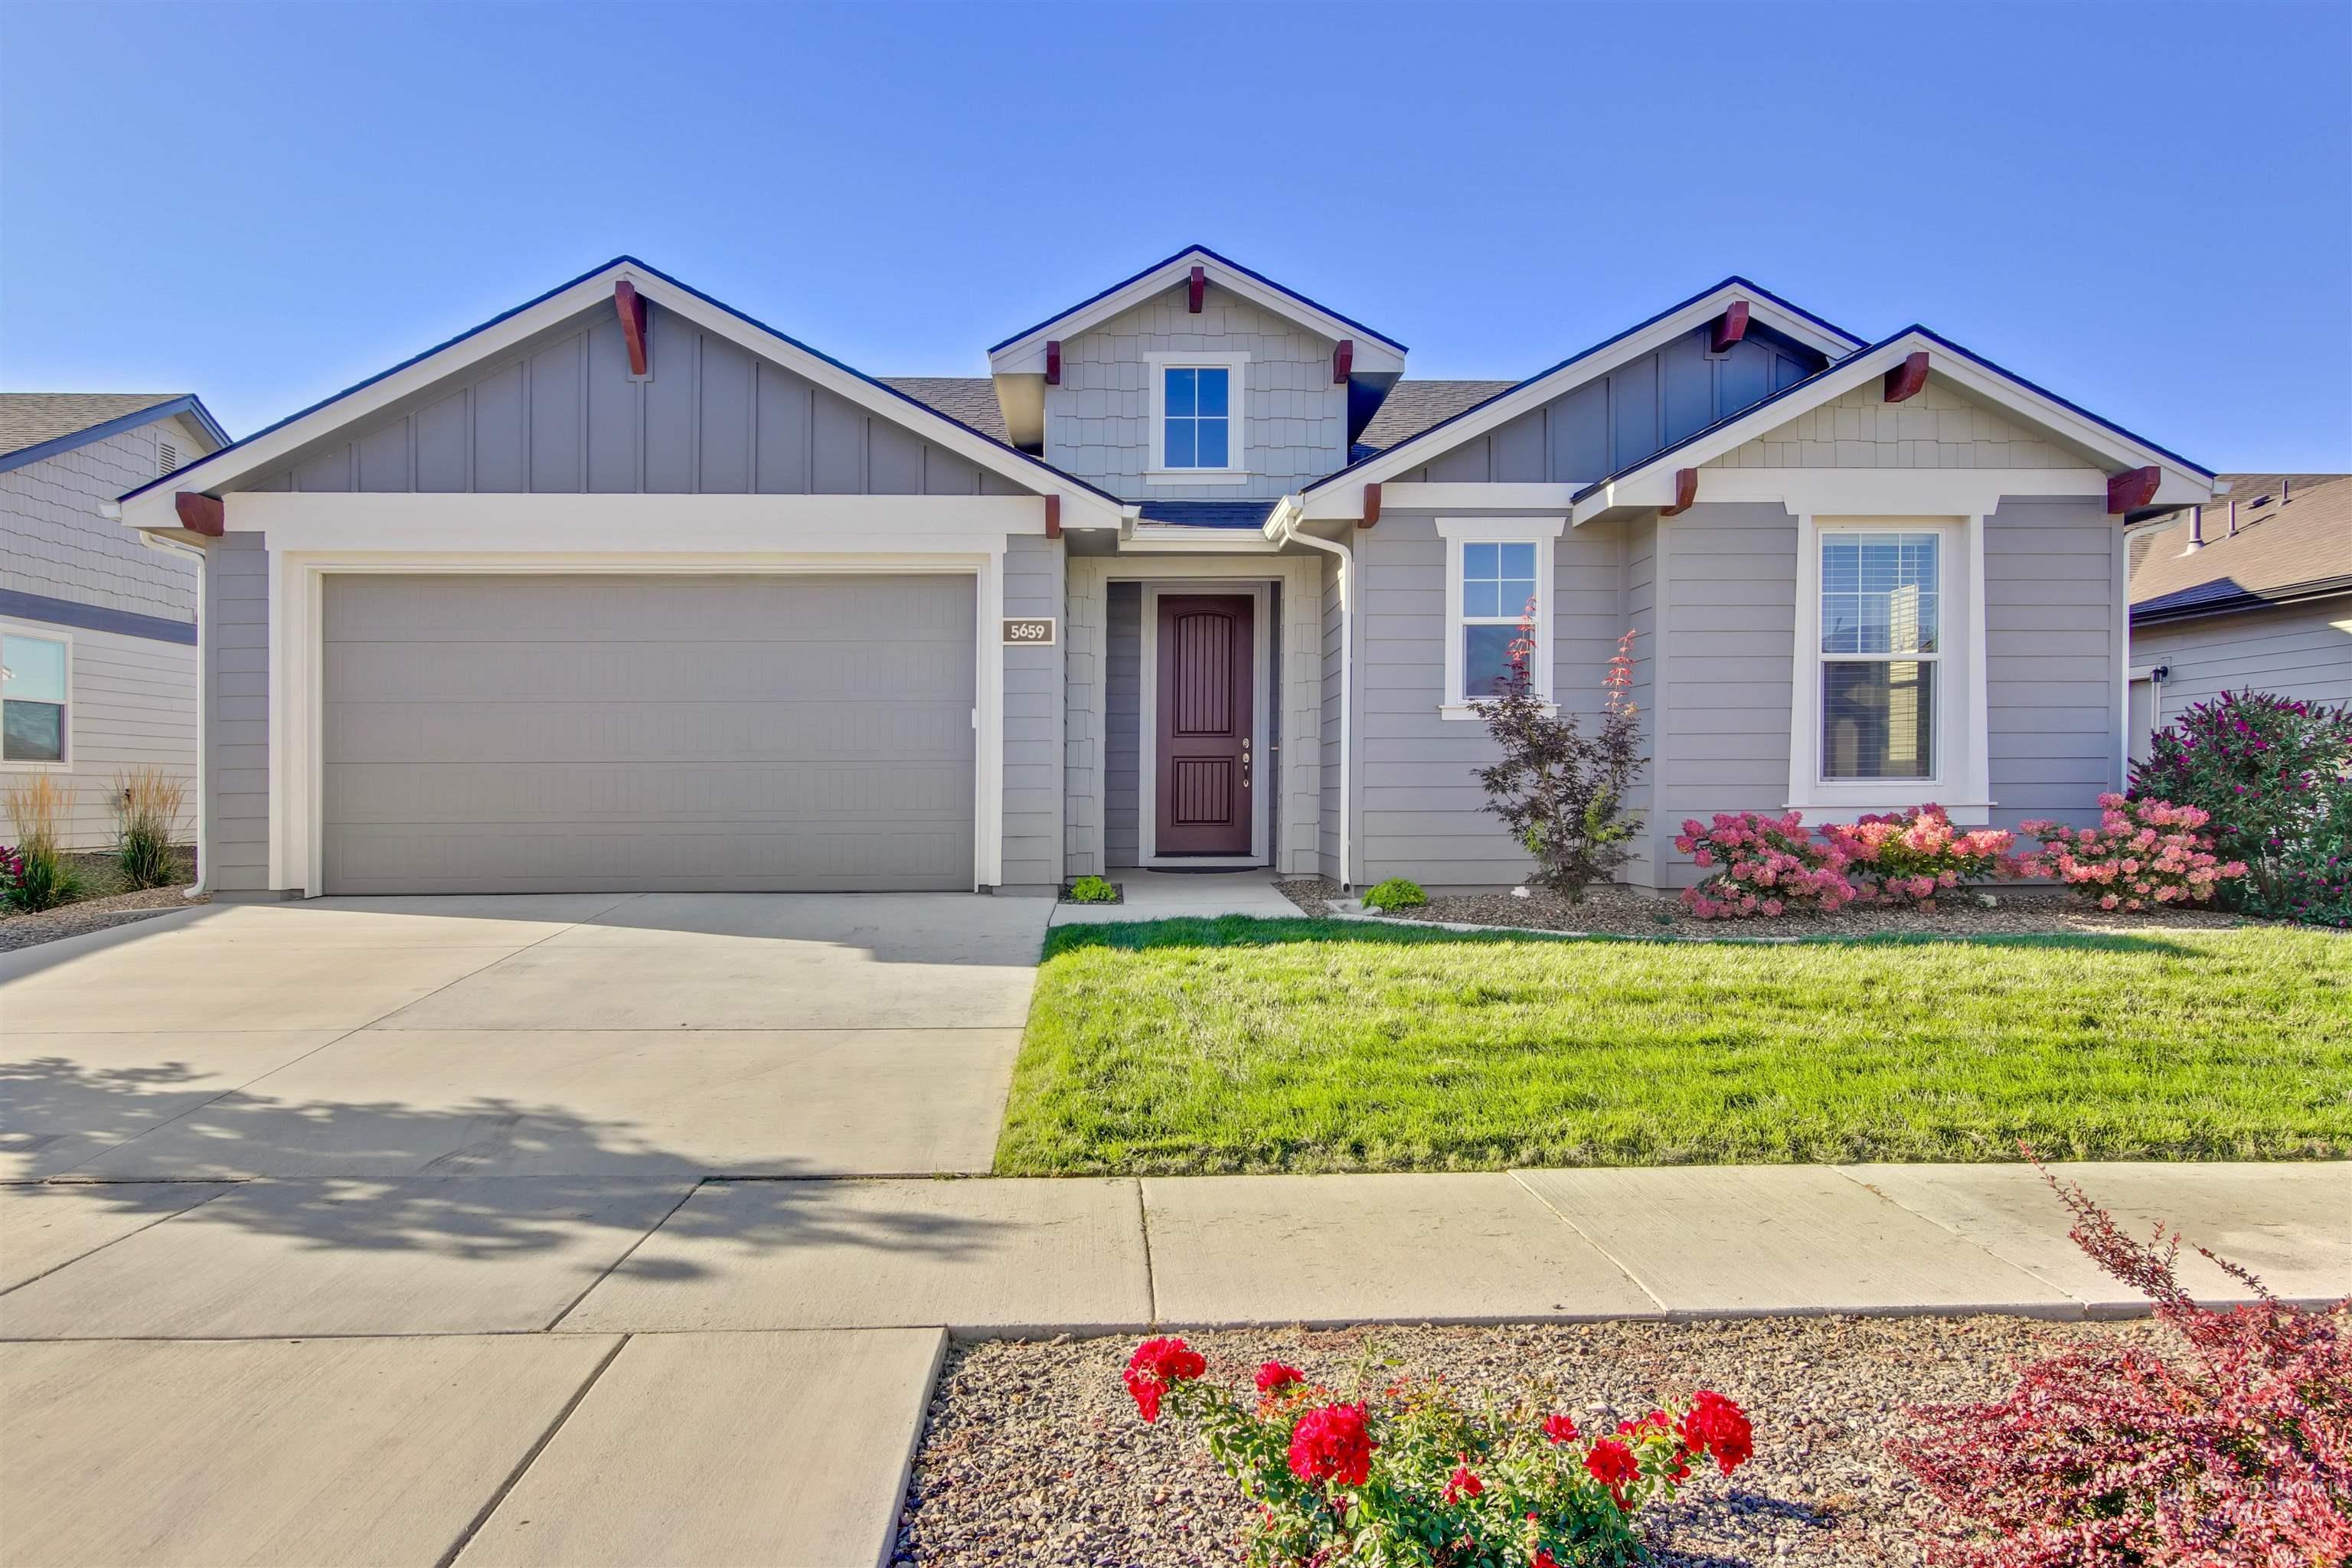 Photo of 5659 Hopwood Street Boise ID 83714